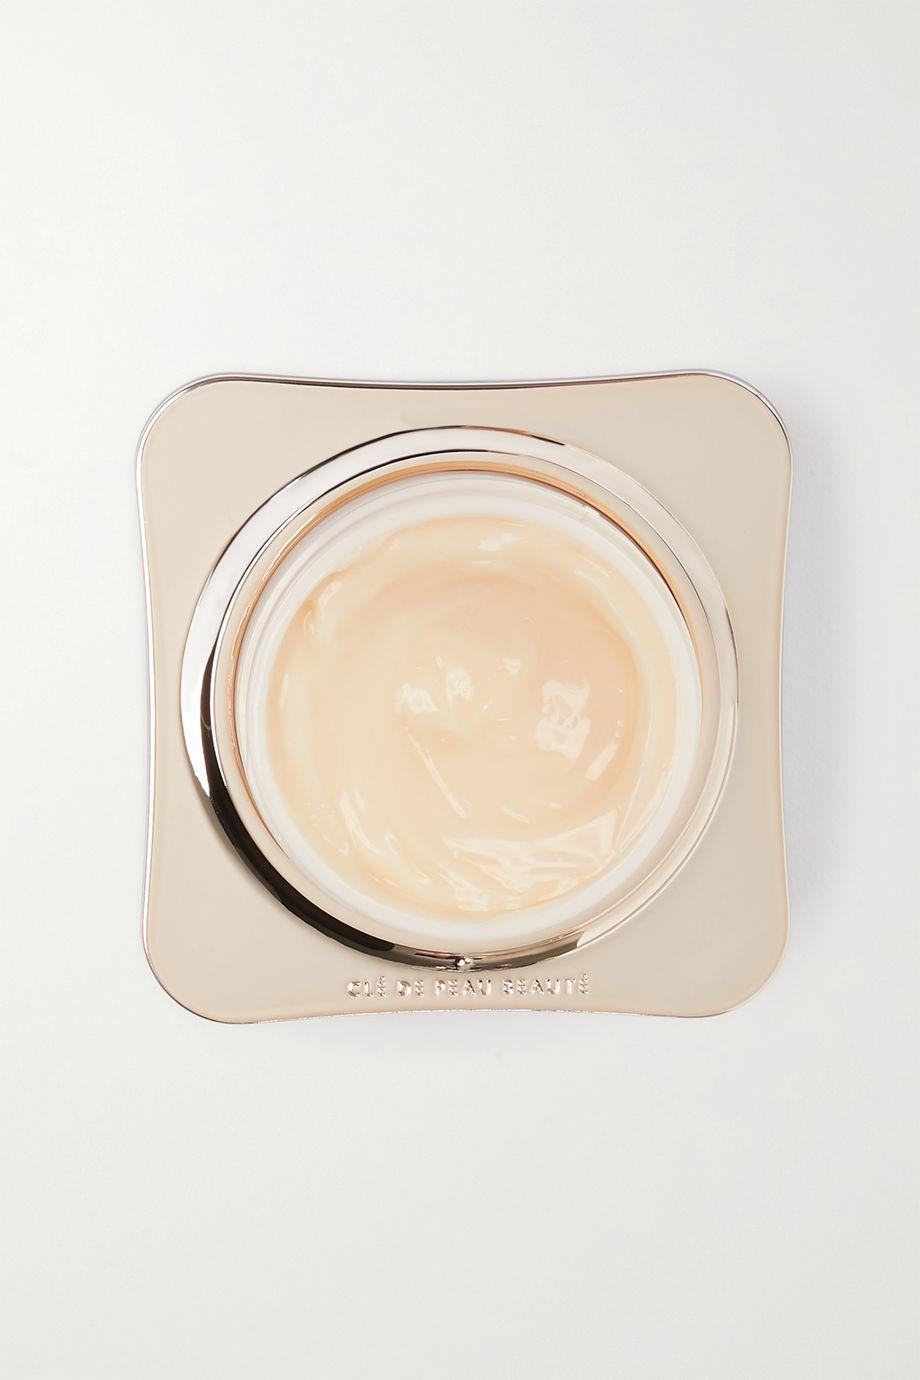 Clé de Peau Beauté La Crème, 30ml